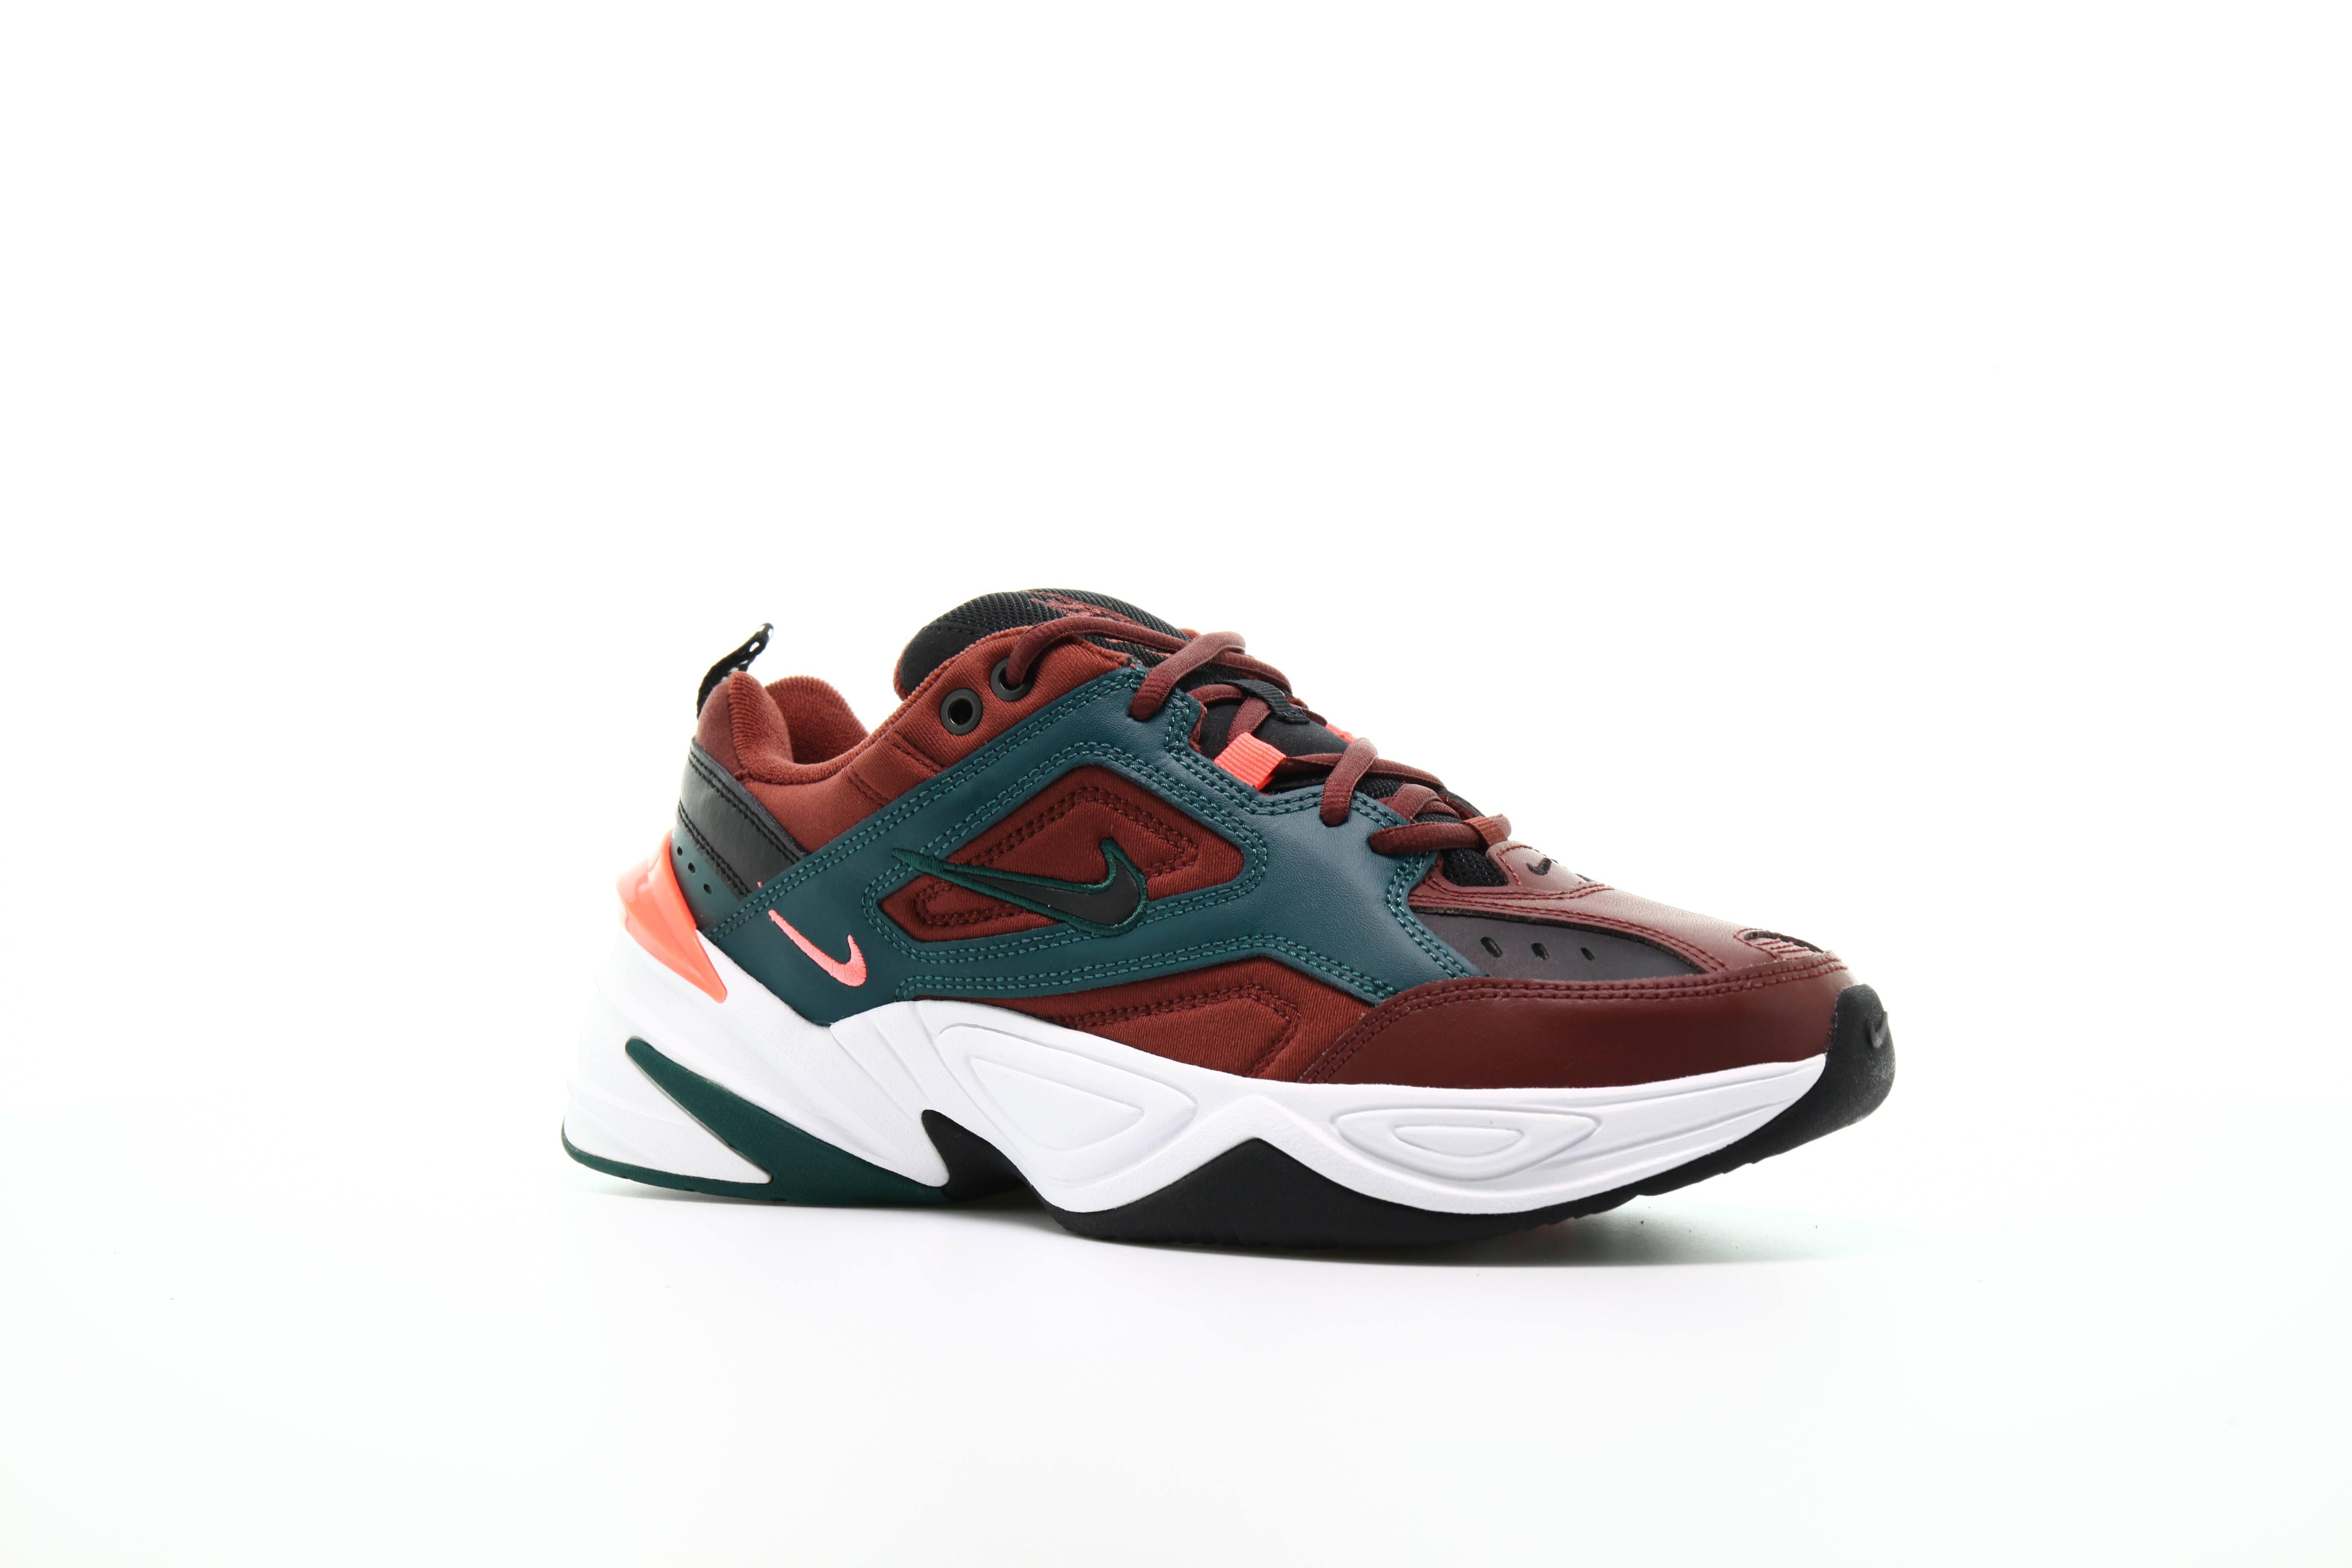 Rainforest Tekno Eu Herren Black Nike Brown M2k 42 Pueblo P5wYpXq